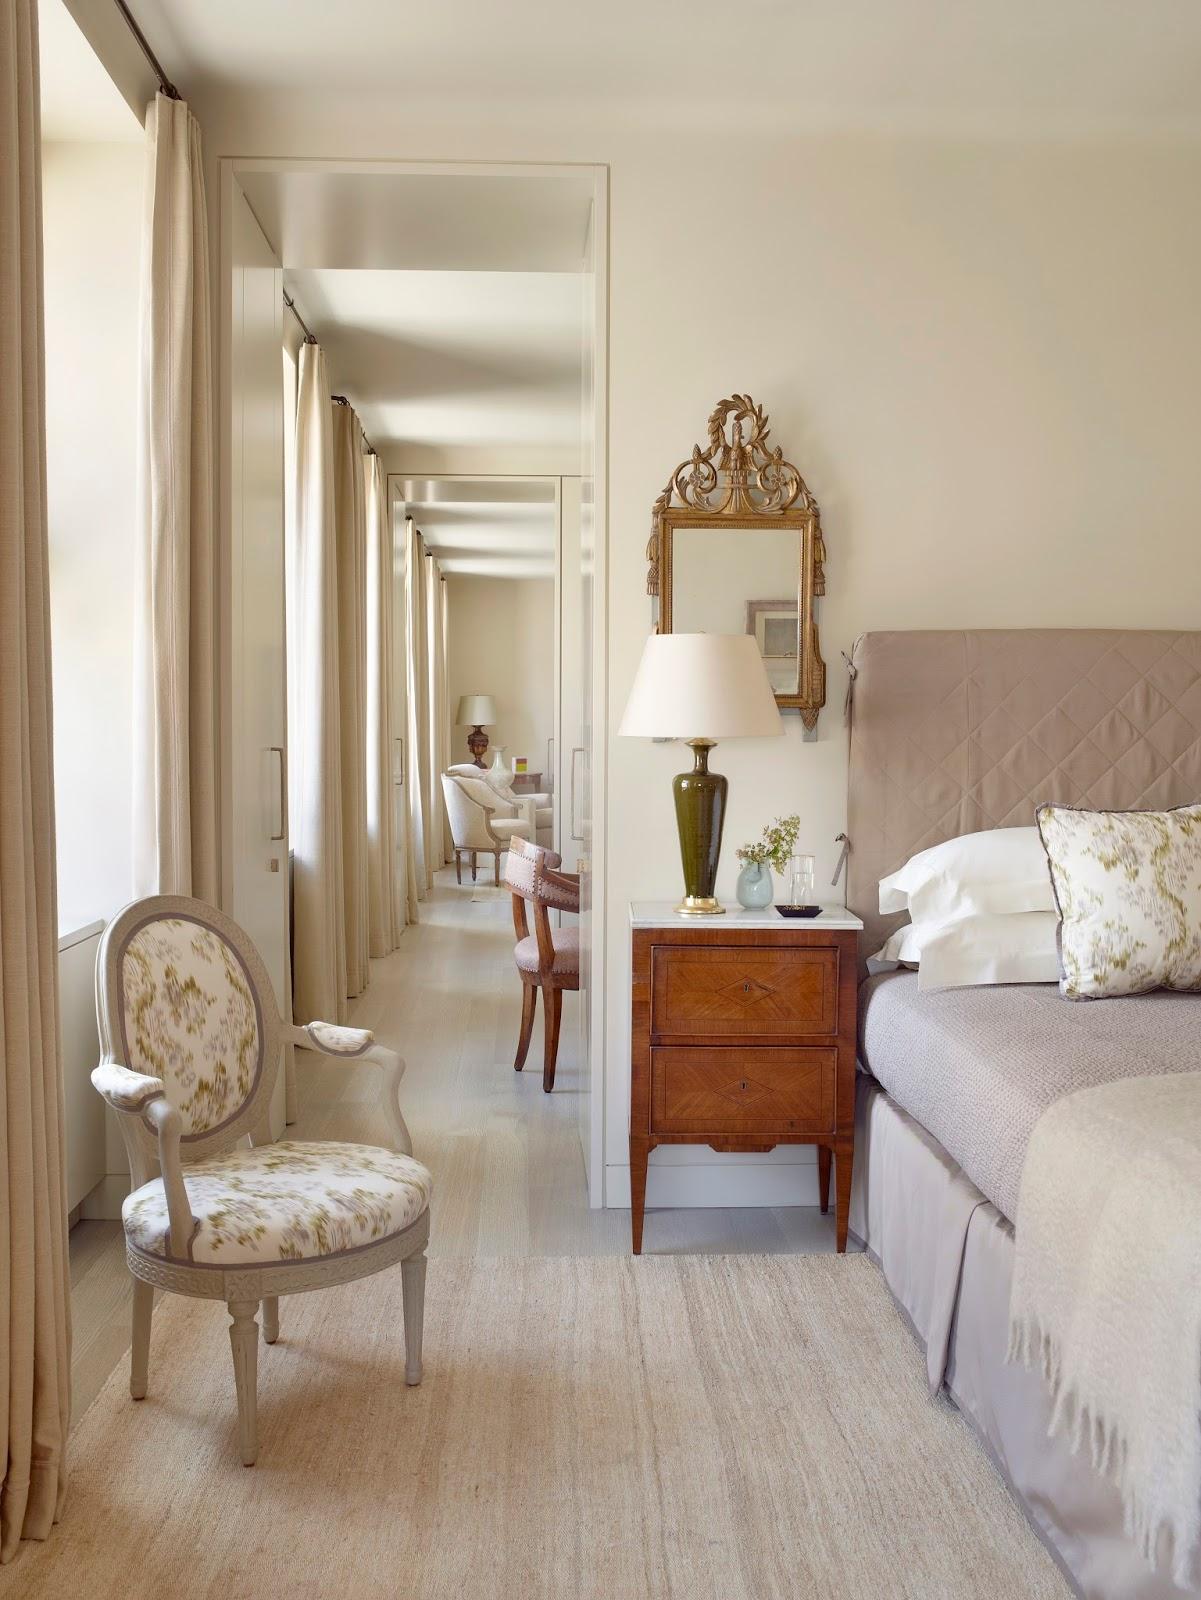 Interior Design Inspiration from Suzanne Rheinstein